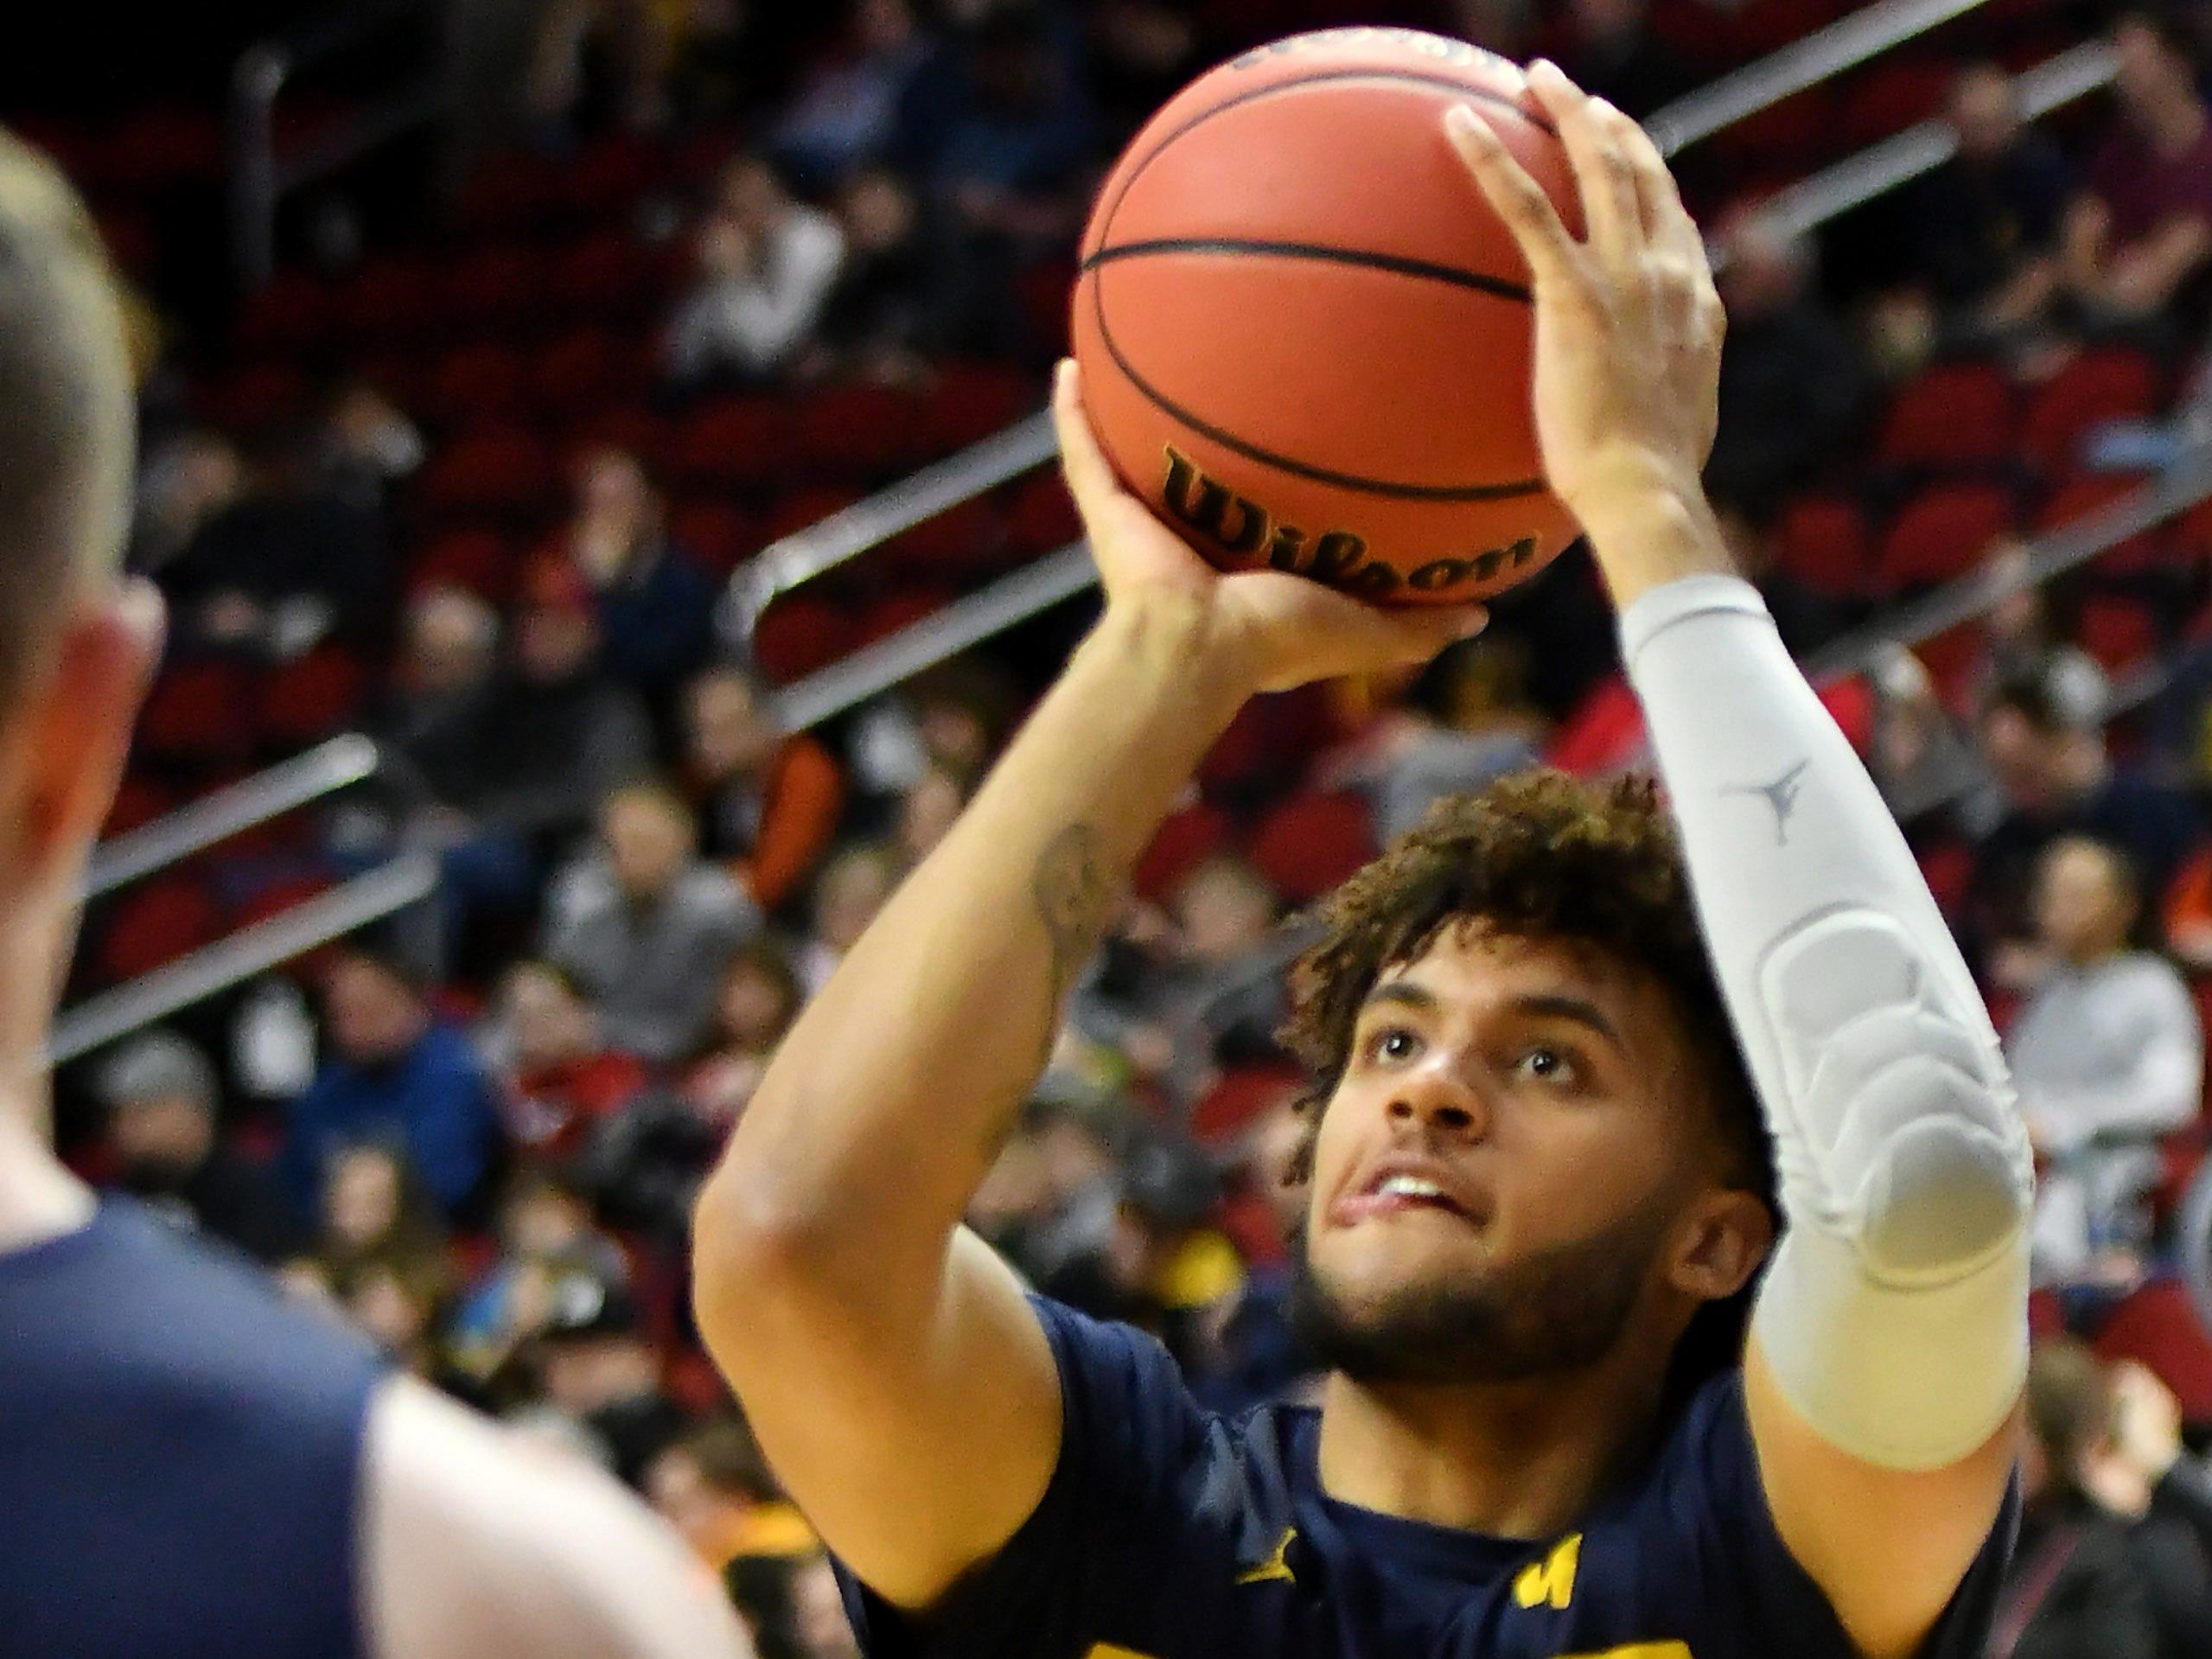 Michigan forward Isaiah Livers takes a shot at Michigan practice.